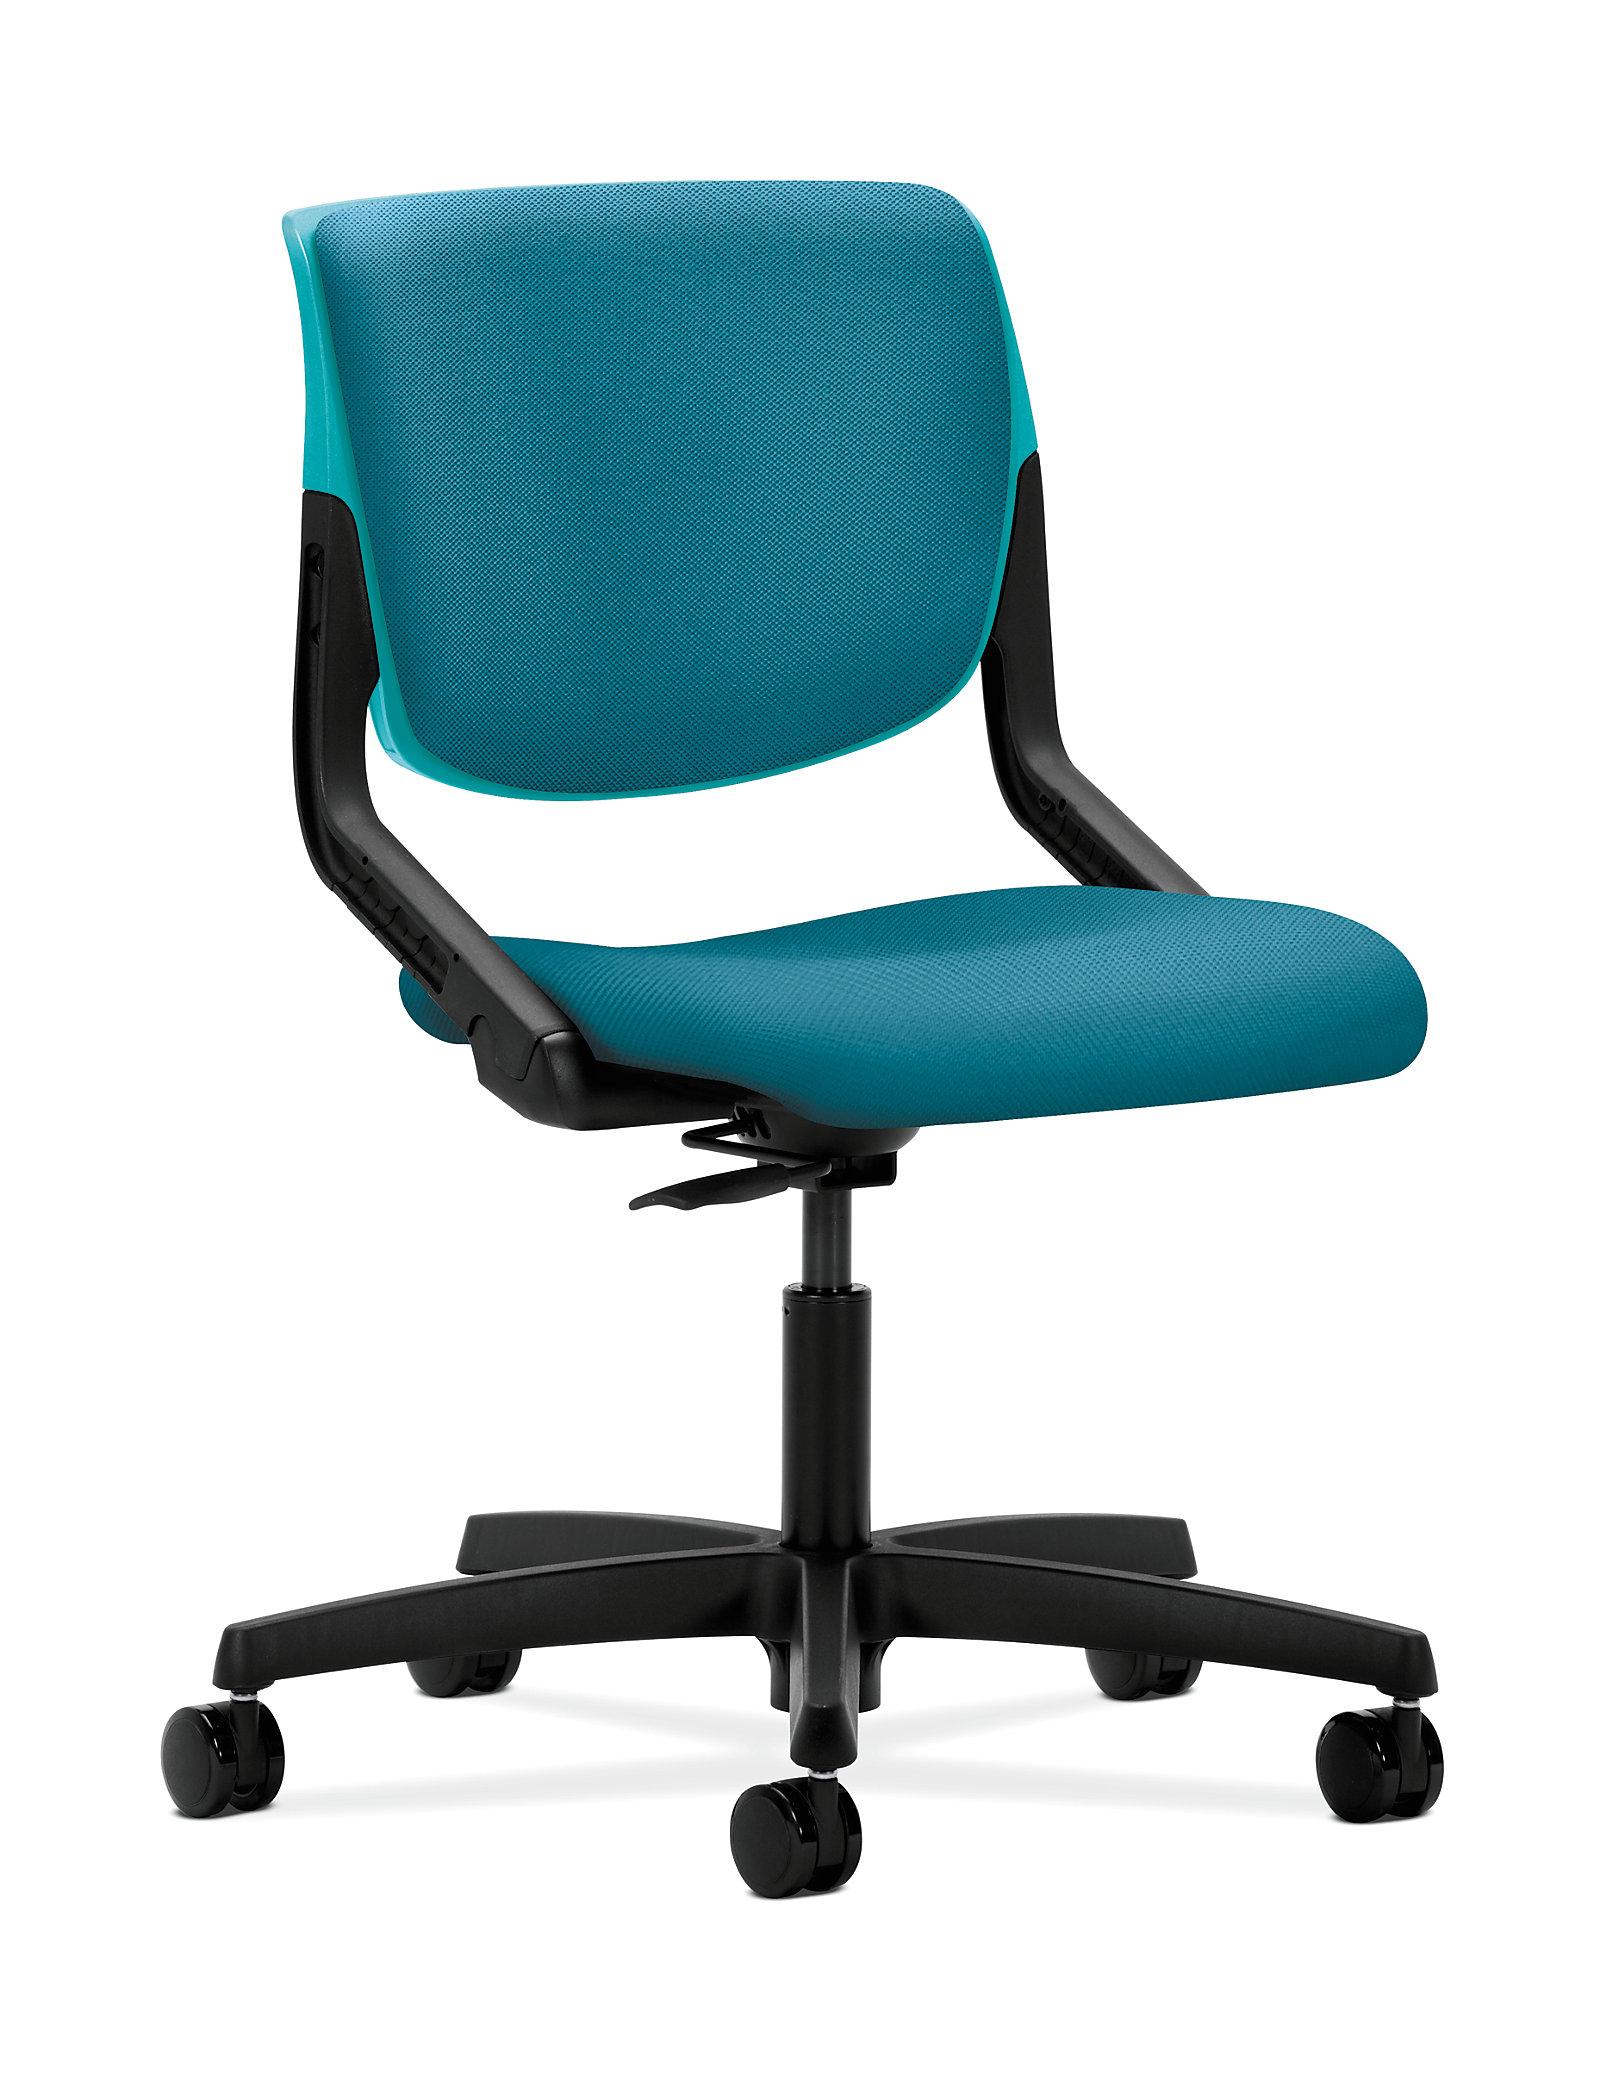 Motivate Task Chair HMT1